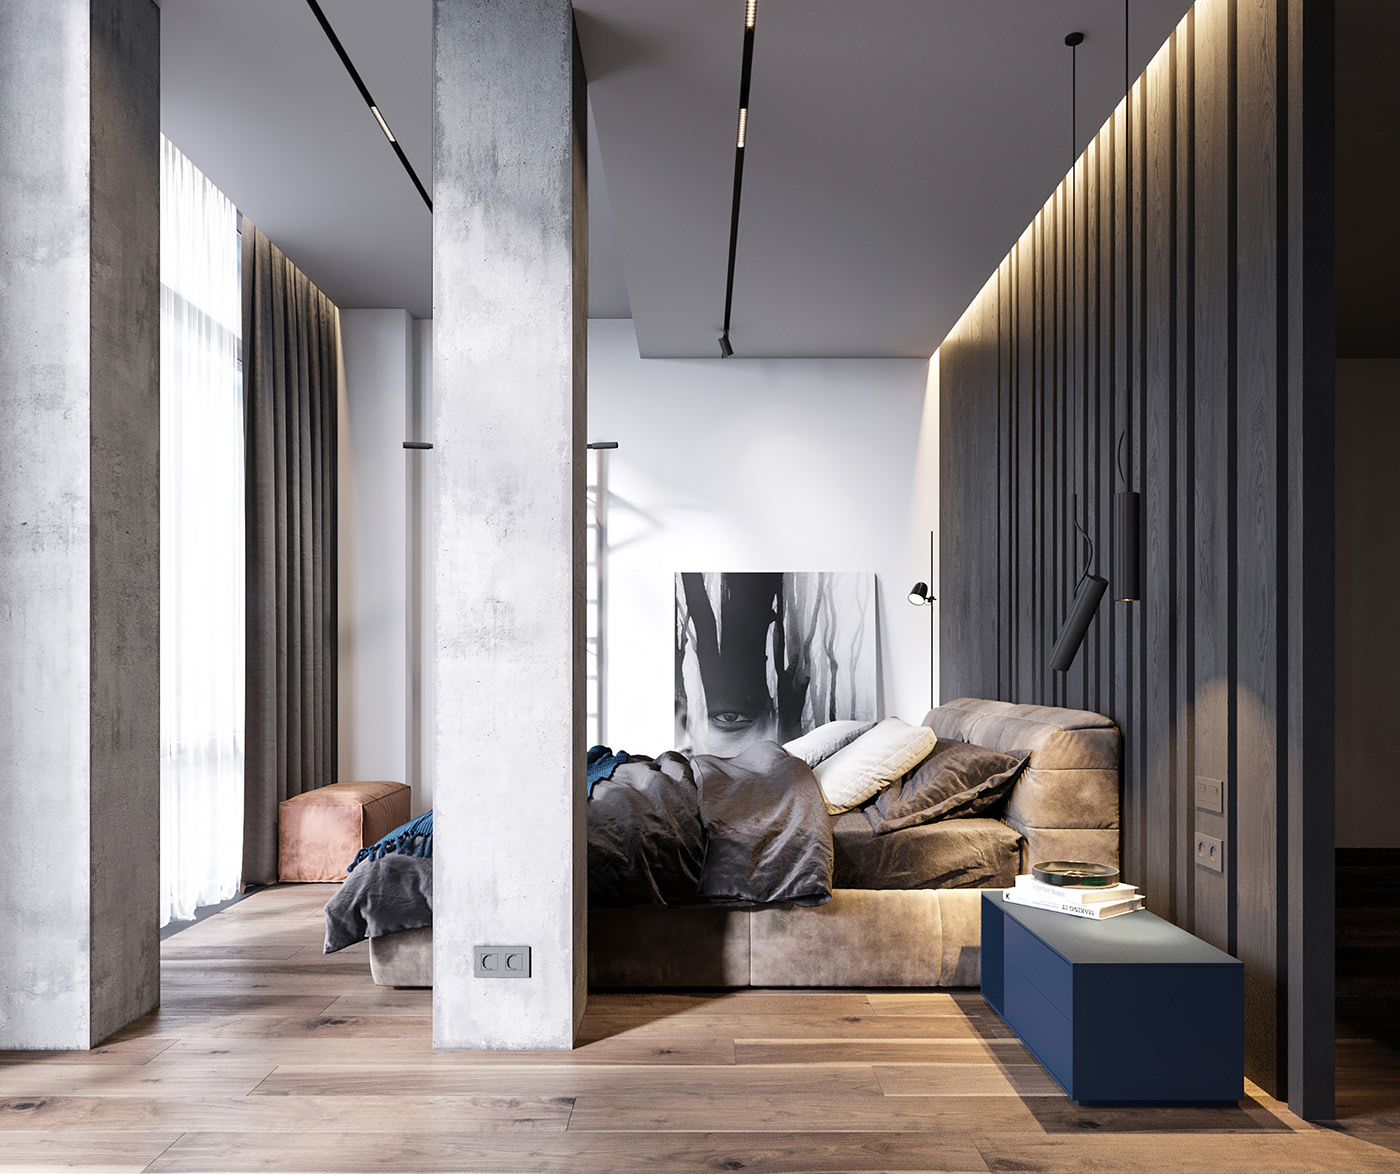 Luxury master bedroom ideas - design trends 2020 — Aluminr ...